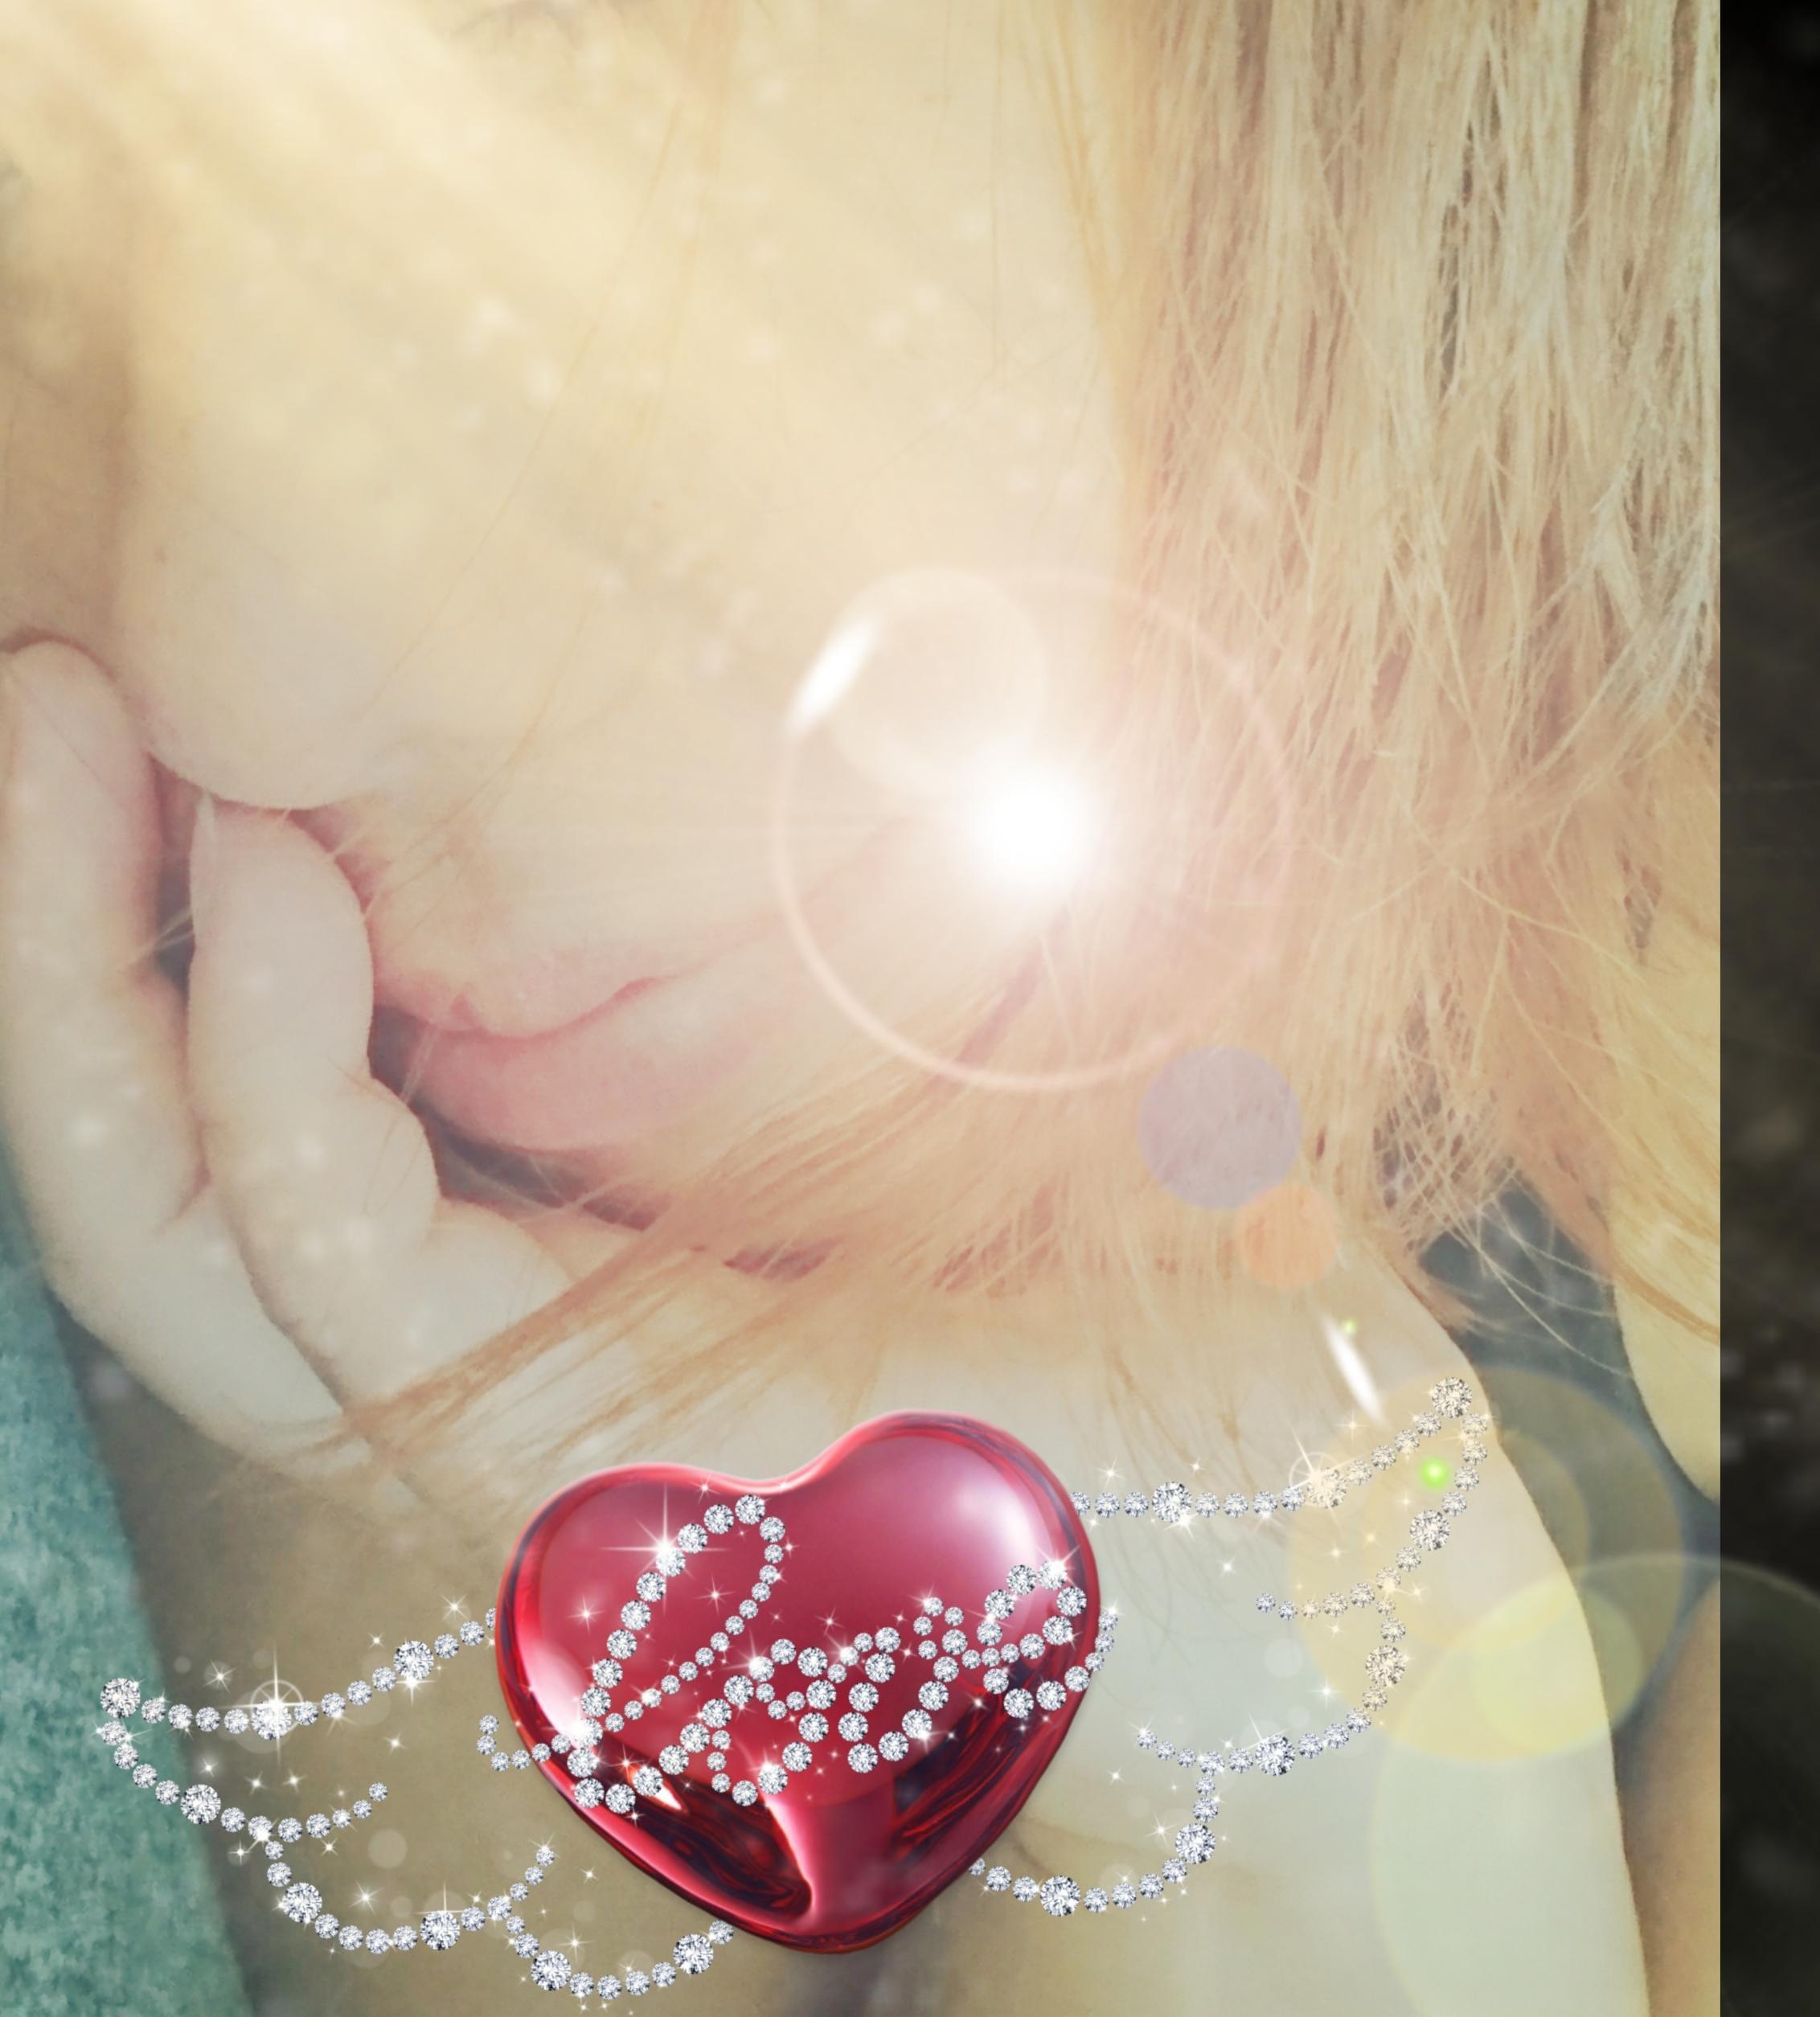 「おはようございます(*˘︶˘人)♡*。+」10/17(10/17) 09:27 | 真純(ますみ)の写メ・風俗動画